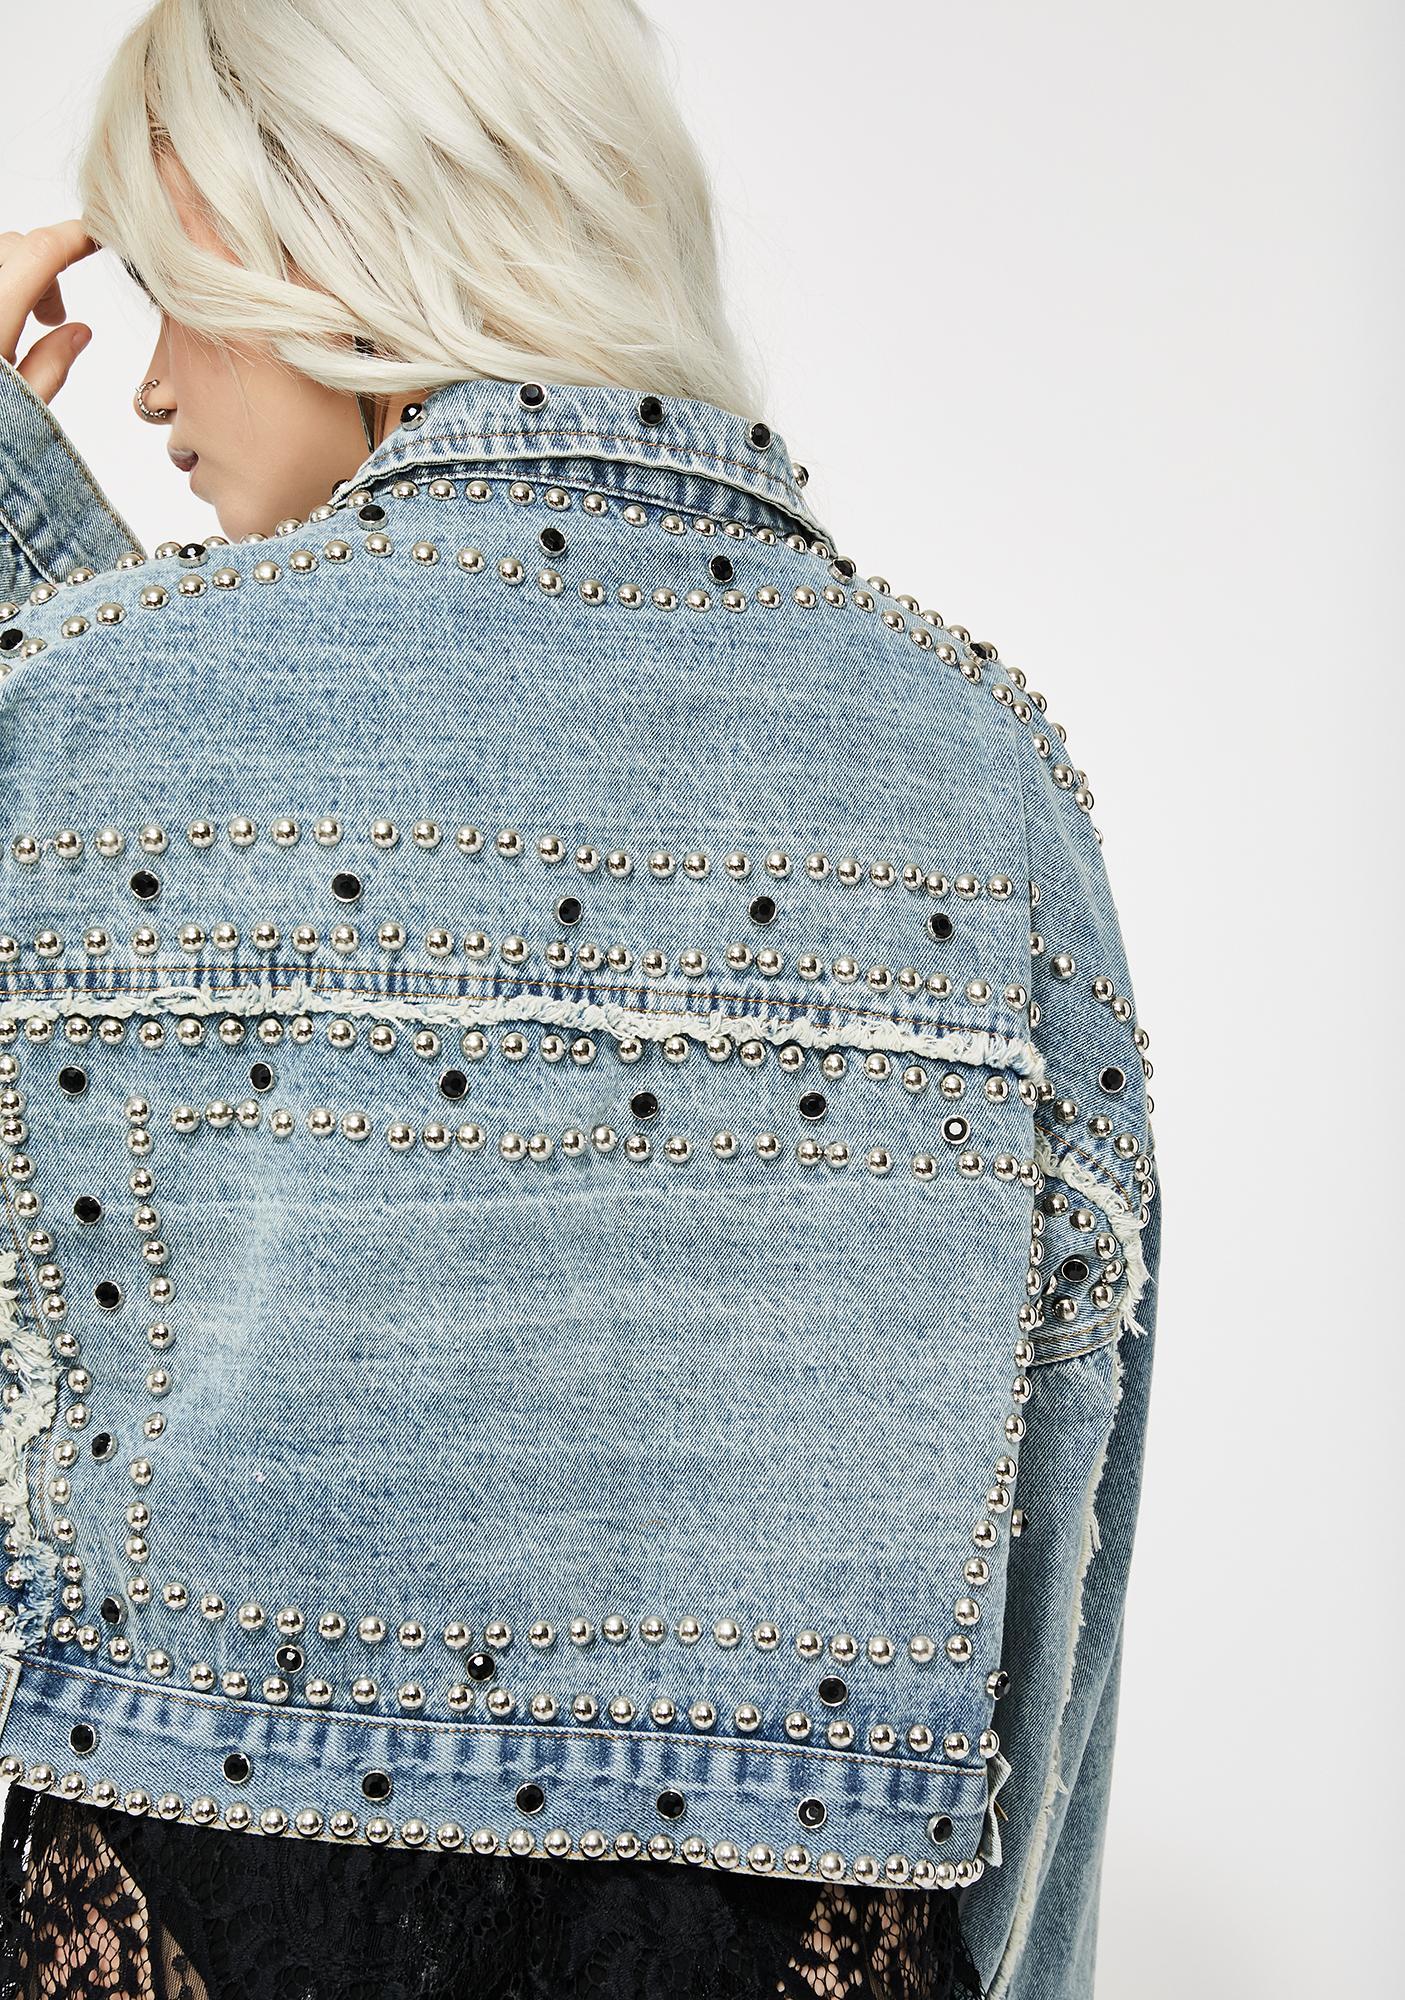 Rhinestone Brazy Denim Jacket